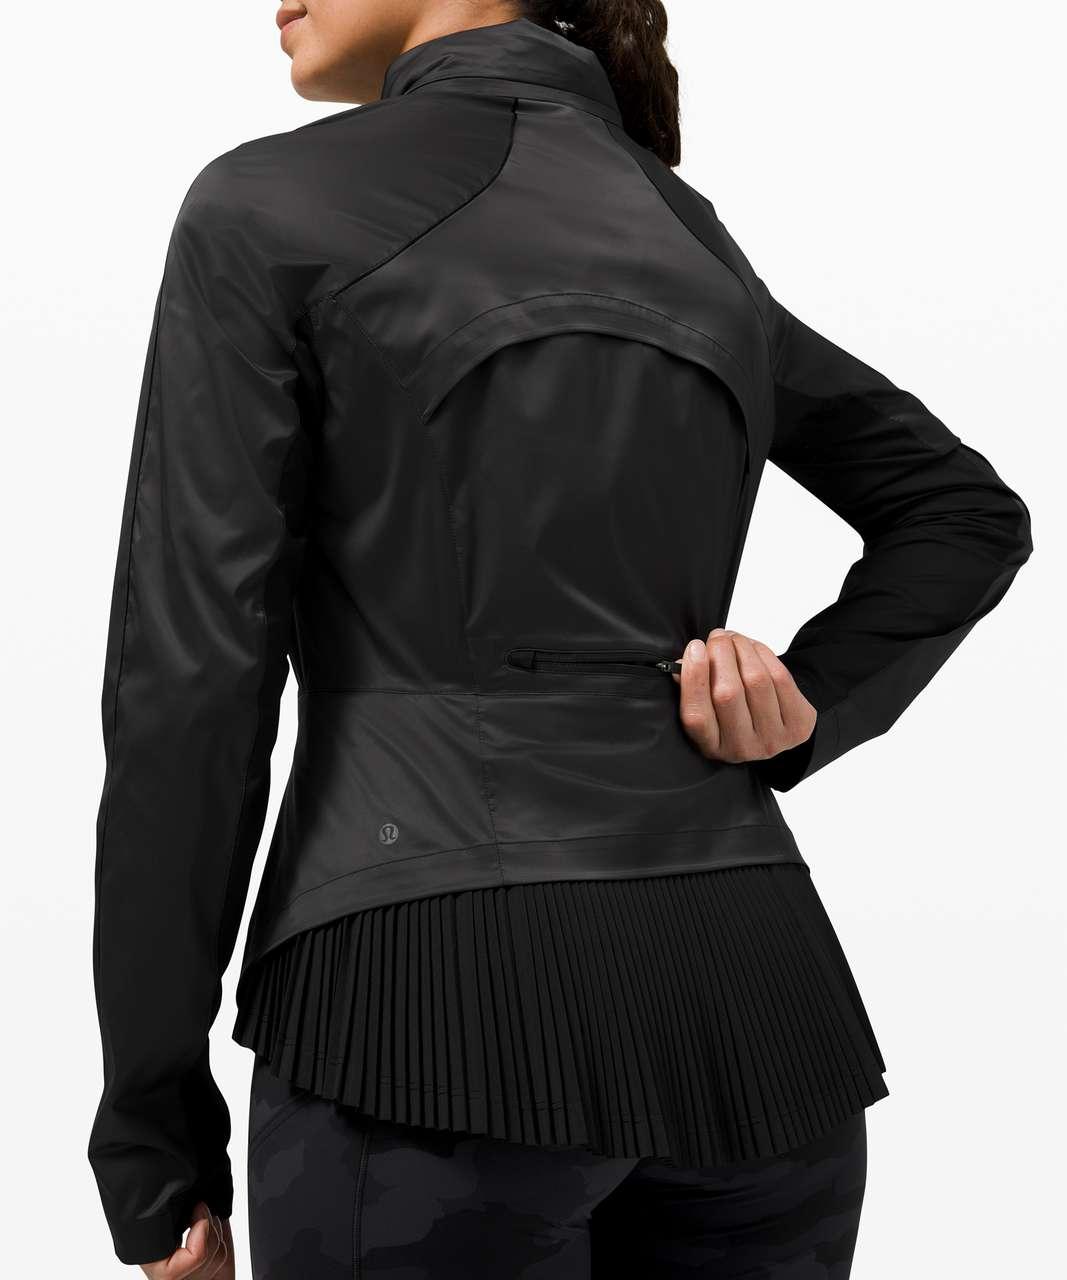 Lululemon Goal Smasher Jacket - Black